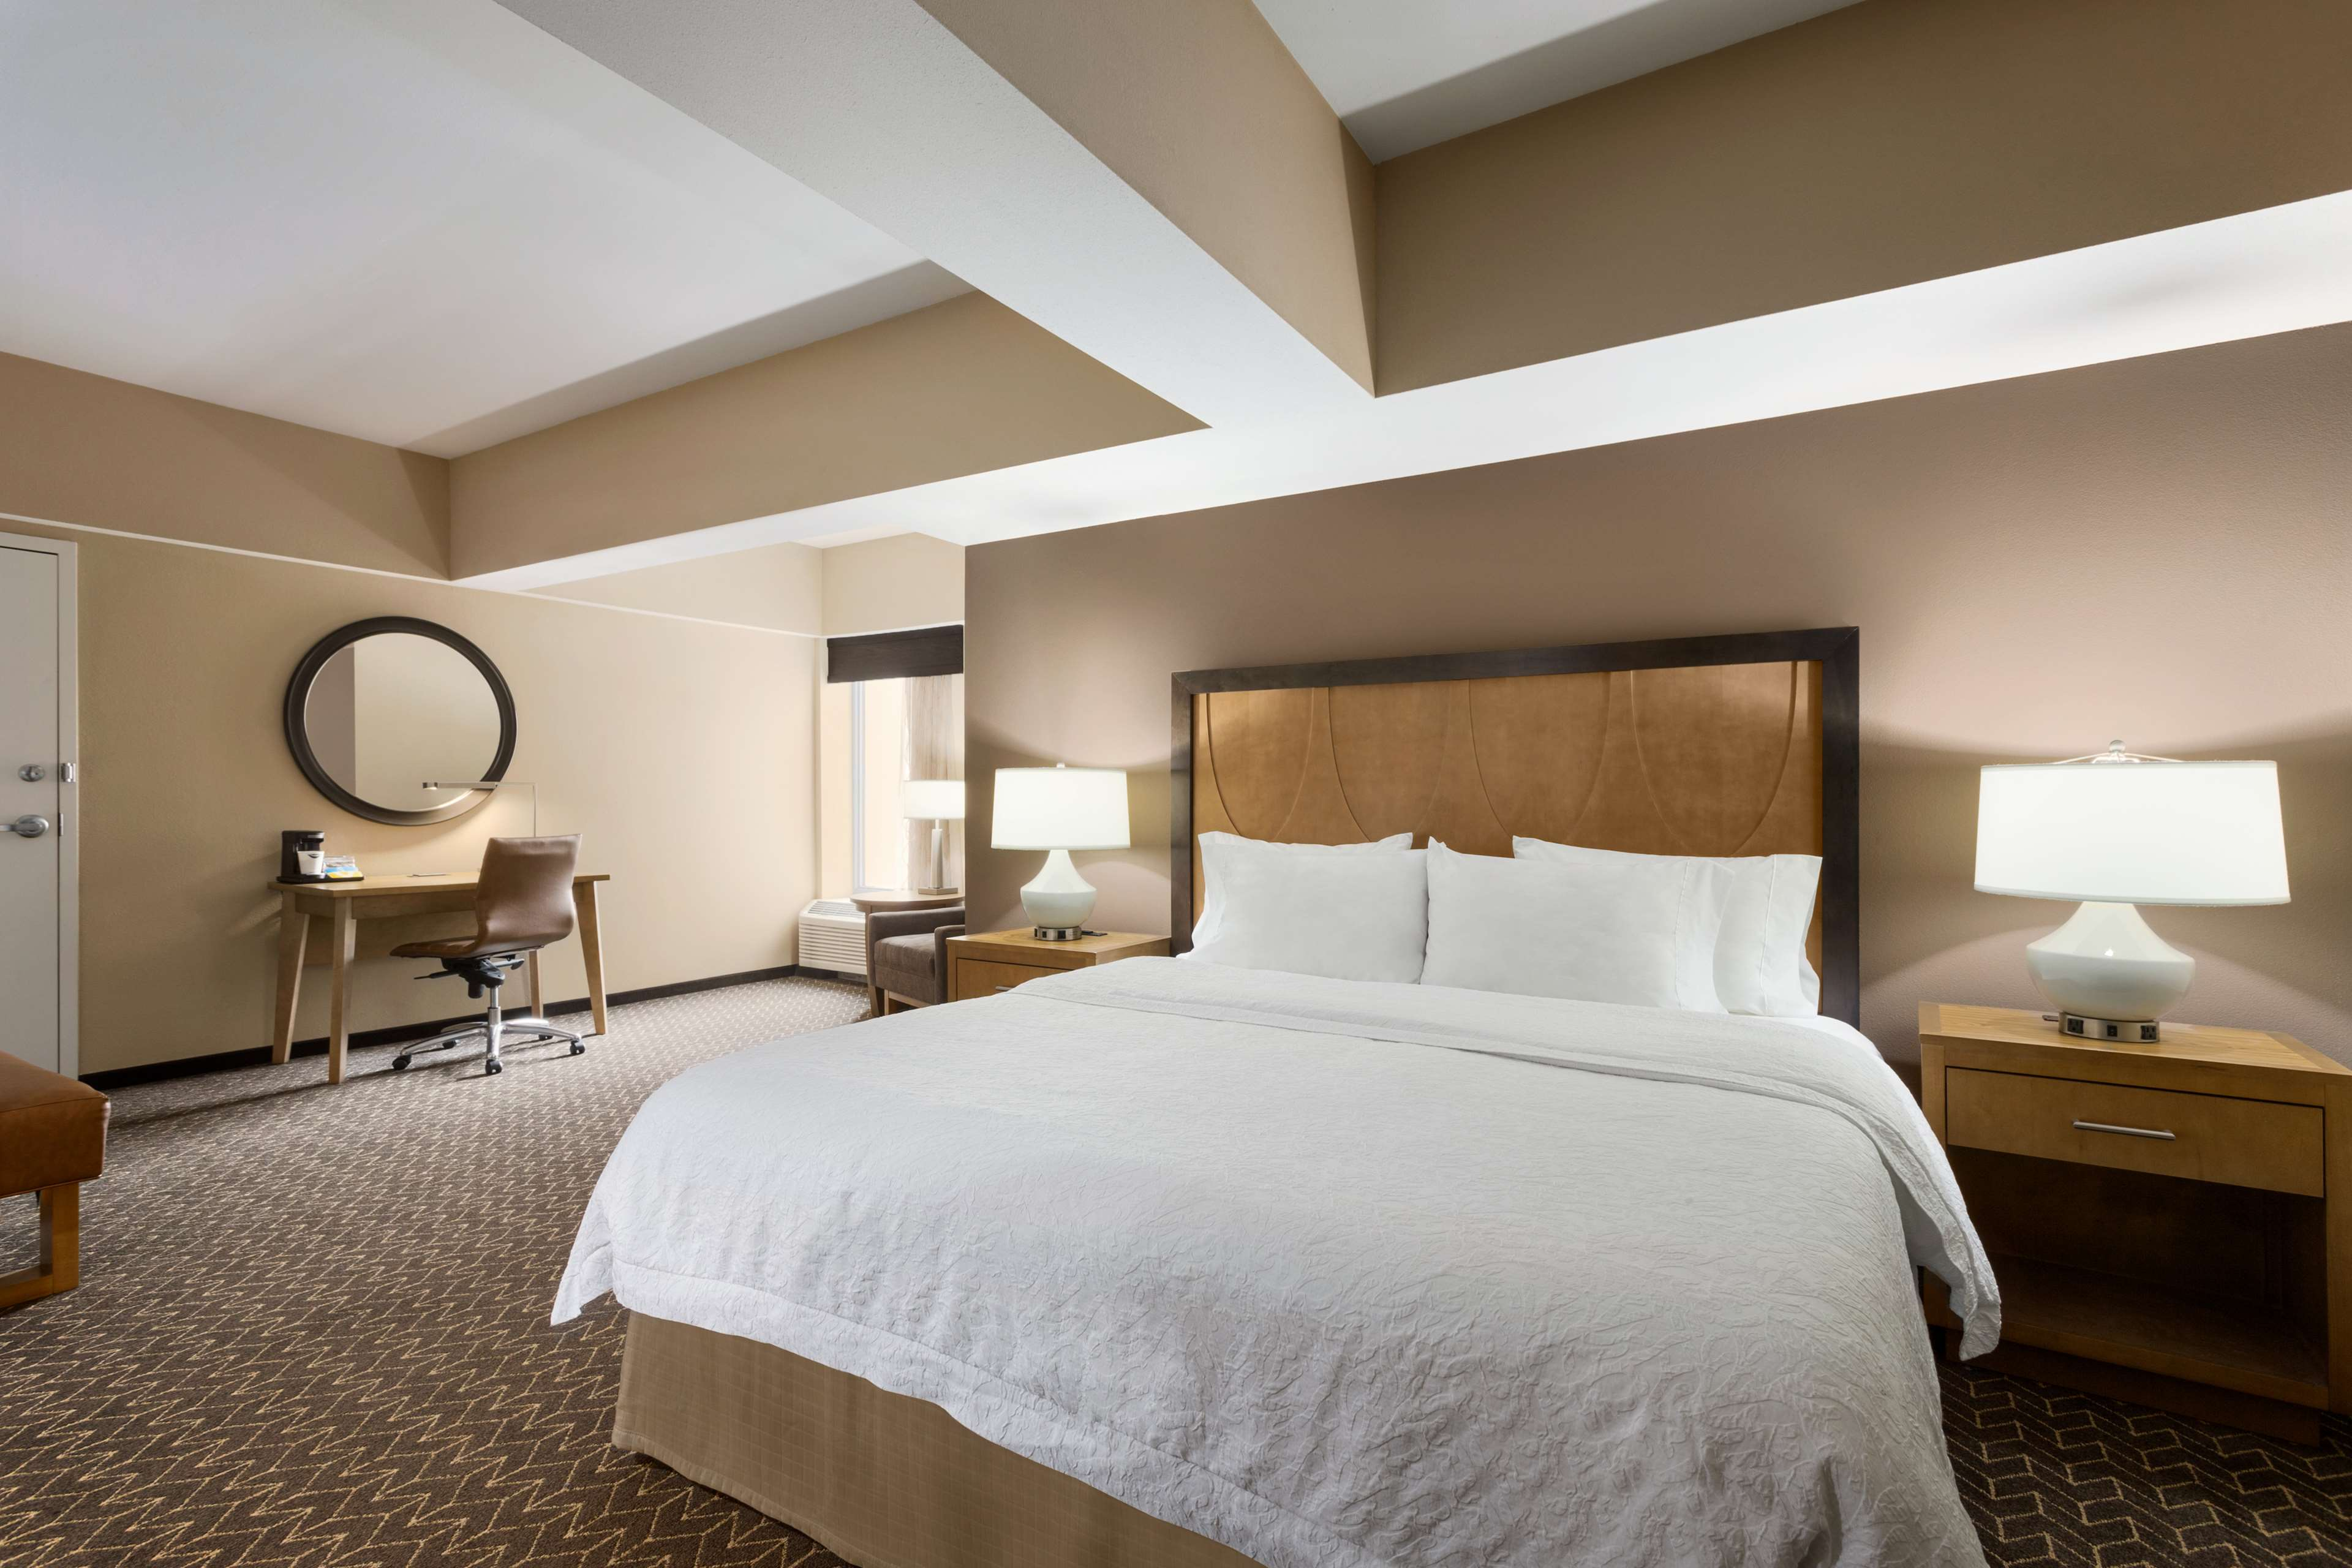 Hampton Inn and Suites Clayton/St Louis-Galleria Area image 21